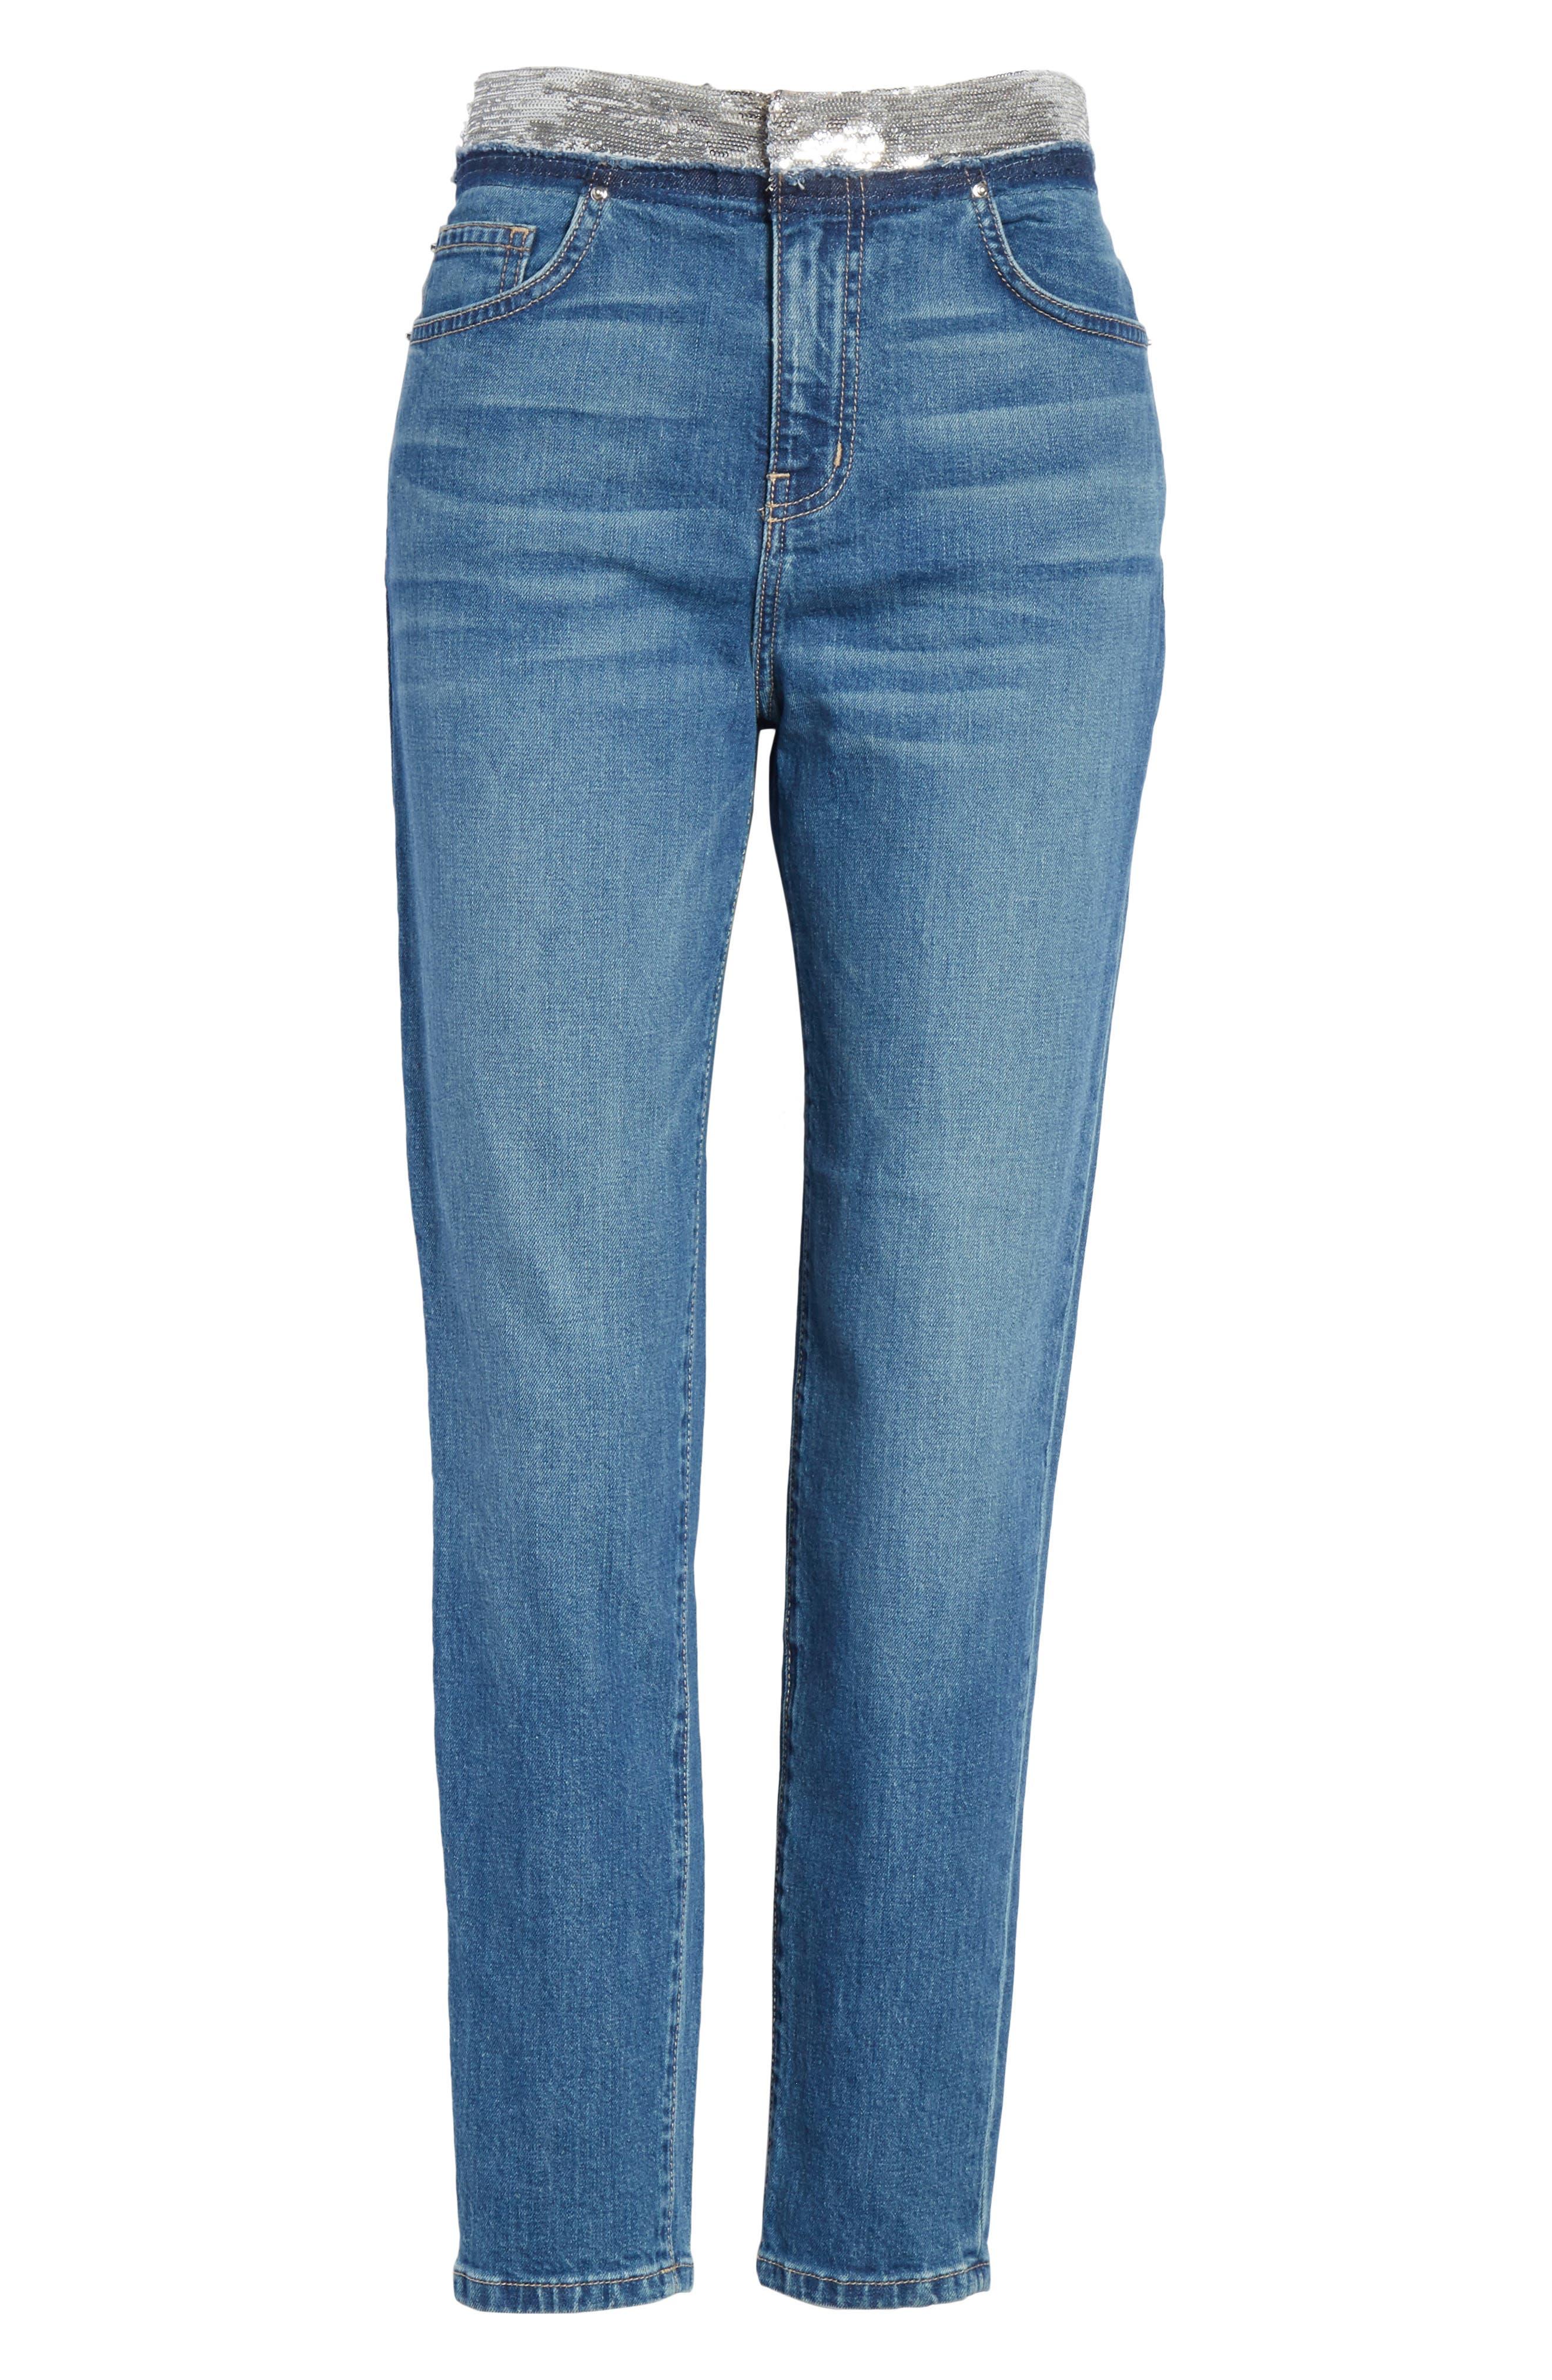 Jones Crop Jeans,                             Alternate thumbnail 6, color,                             Stone Blue